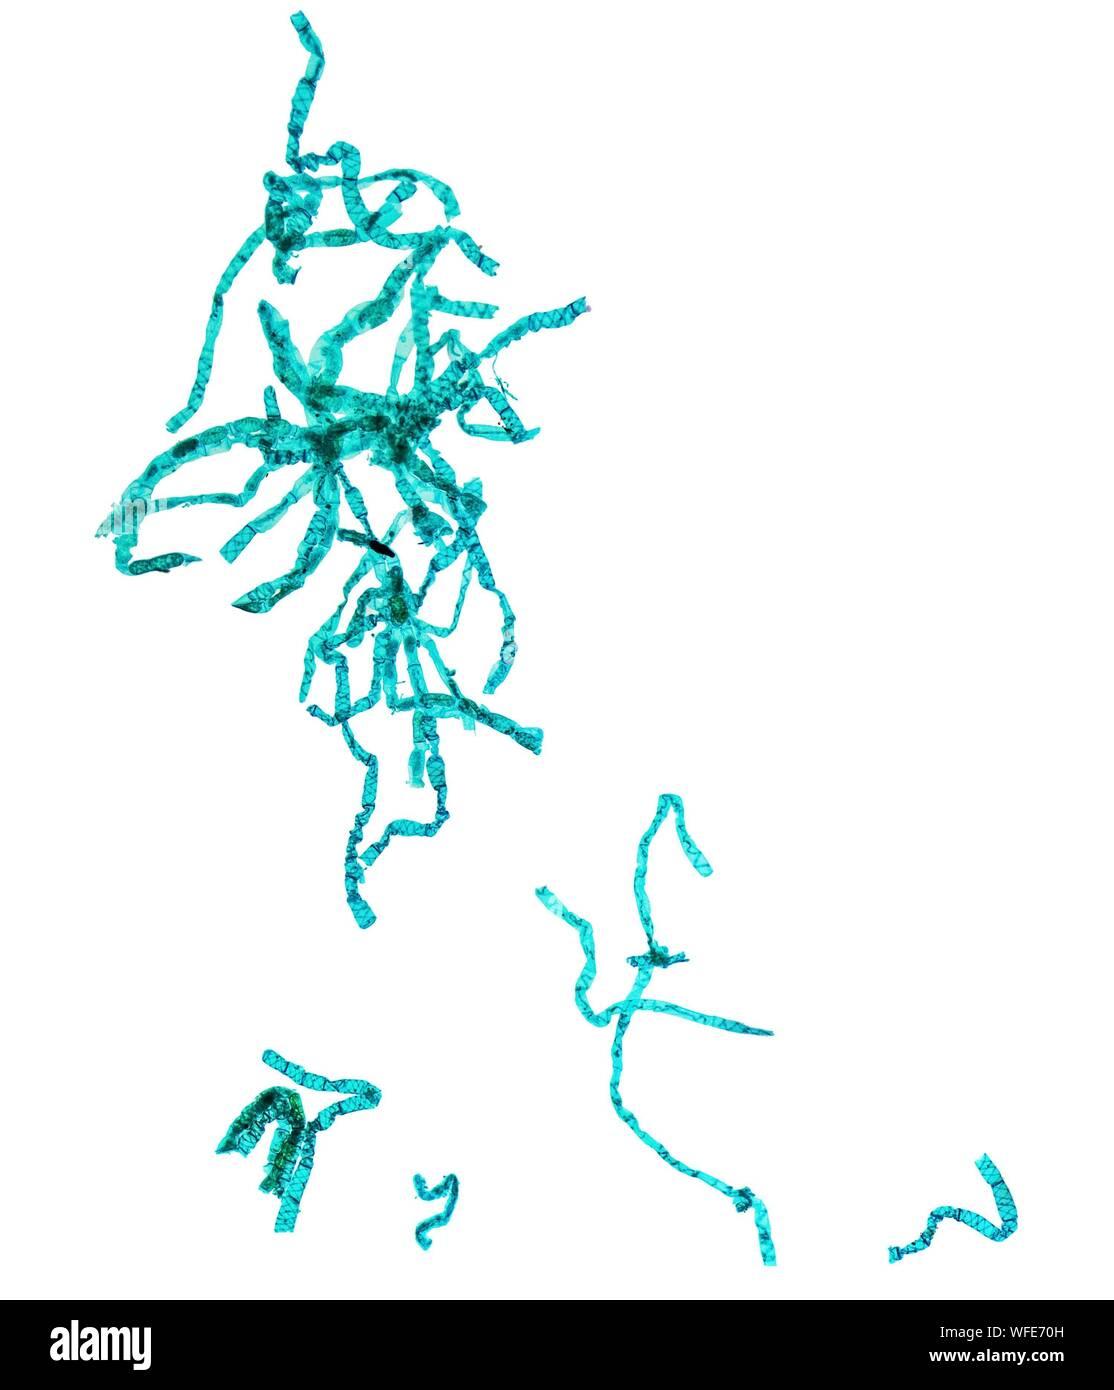 Vue microscopique de bactérie sur fond blanc Banque D'Images